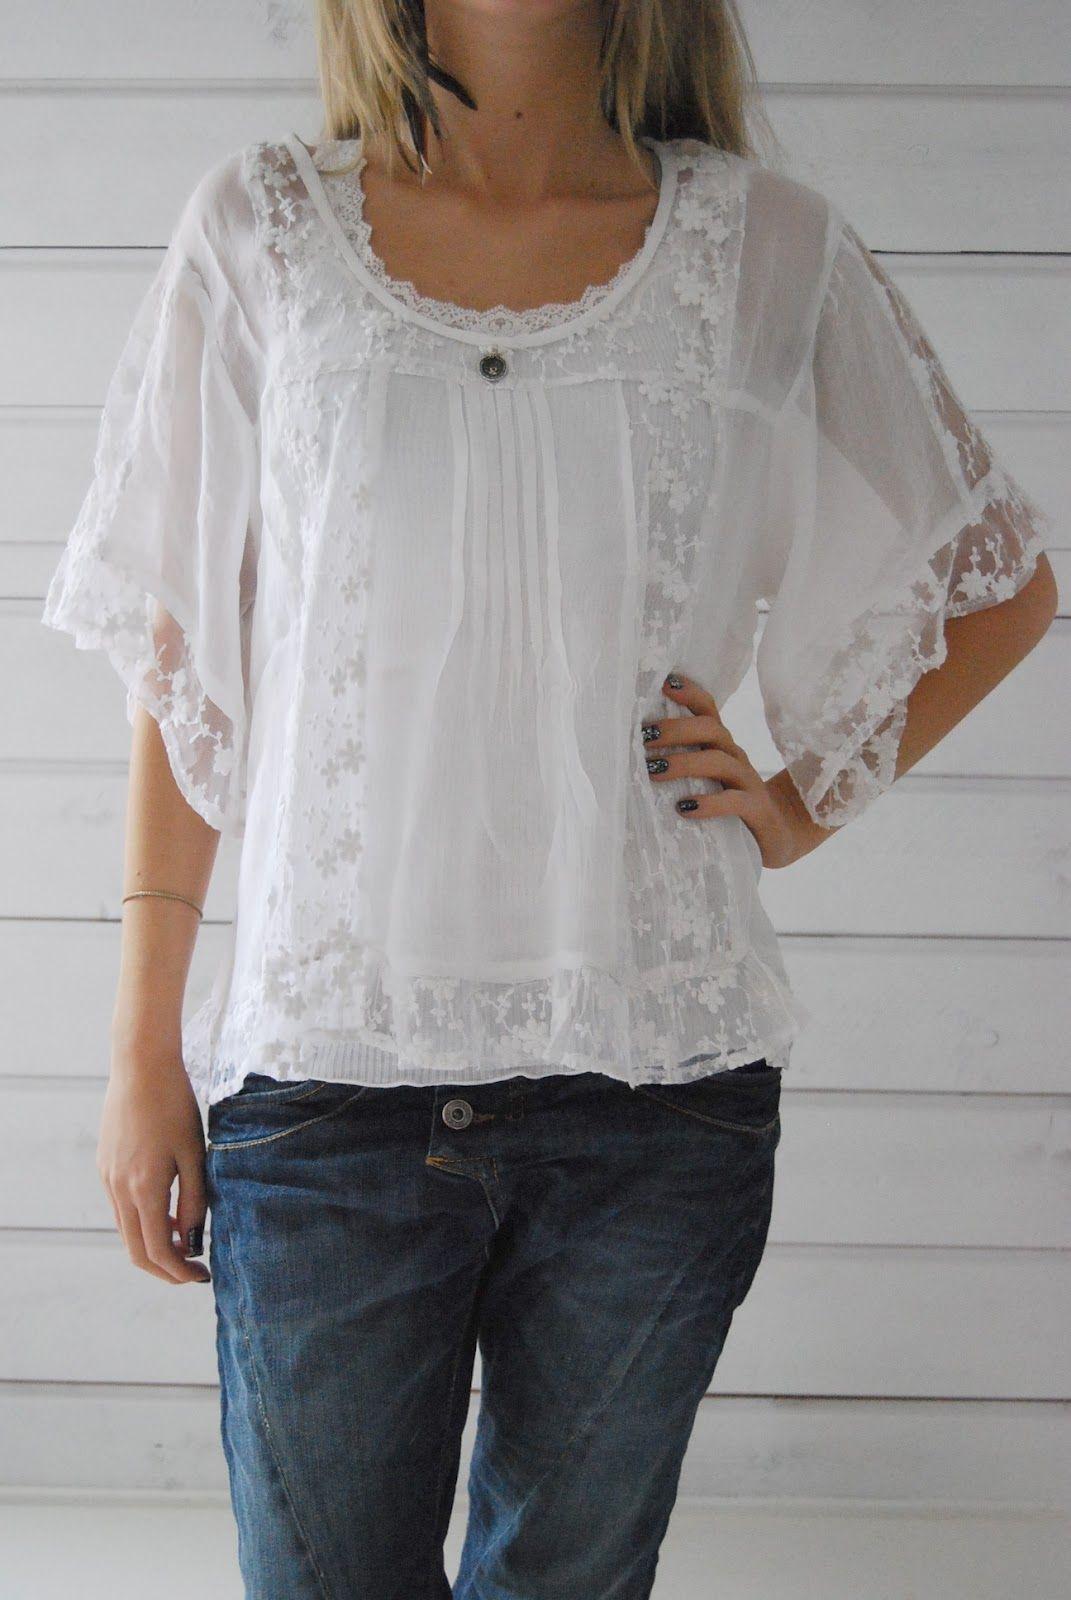 fc3f7988904e Flera vita ljuvliga tunikor & blusar kommer snart i webbshopen. Ha en härlig  tordagkväll! Kram